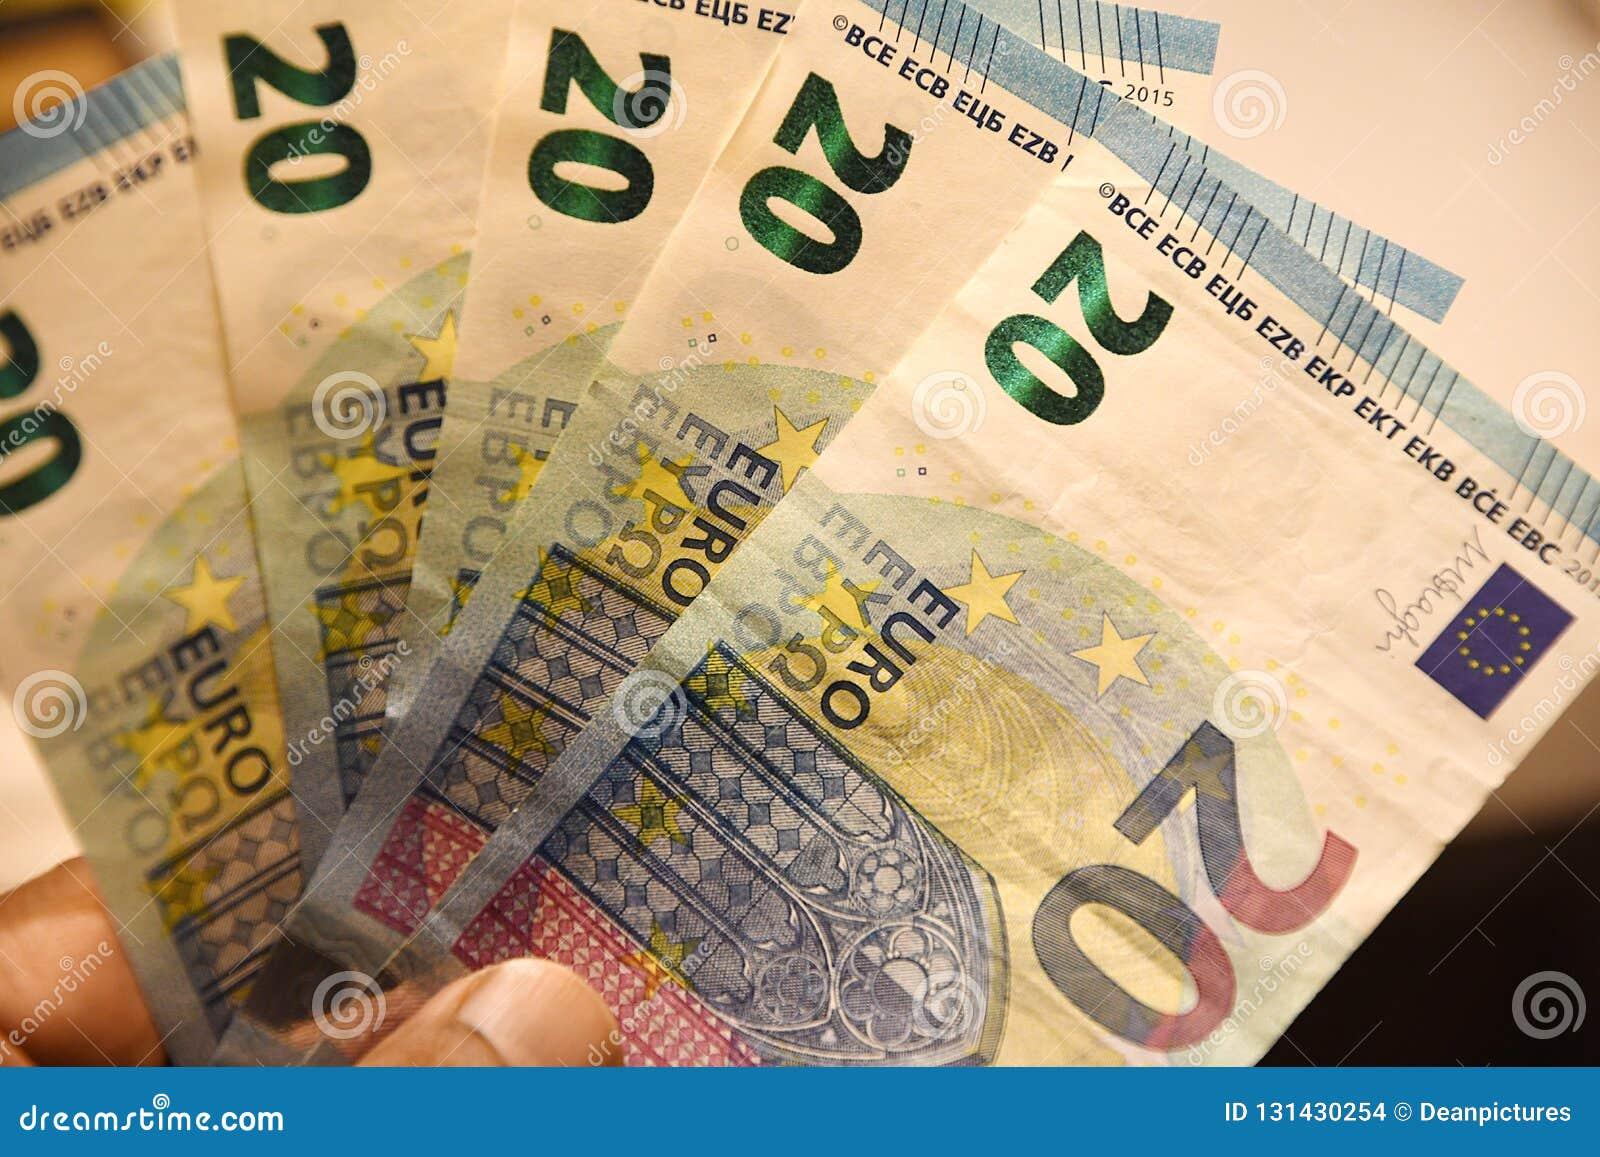 Kopenhagen/Denemarken 12 November 2018 Europese munt euro 20 nota s in Kopenhagen Denemarken foto Francis Joseph Dean/